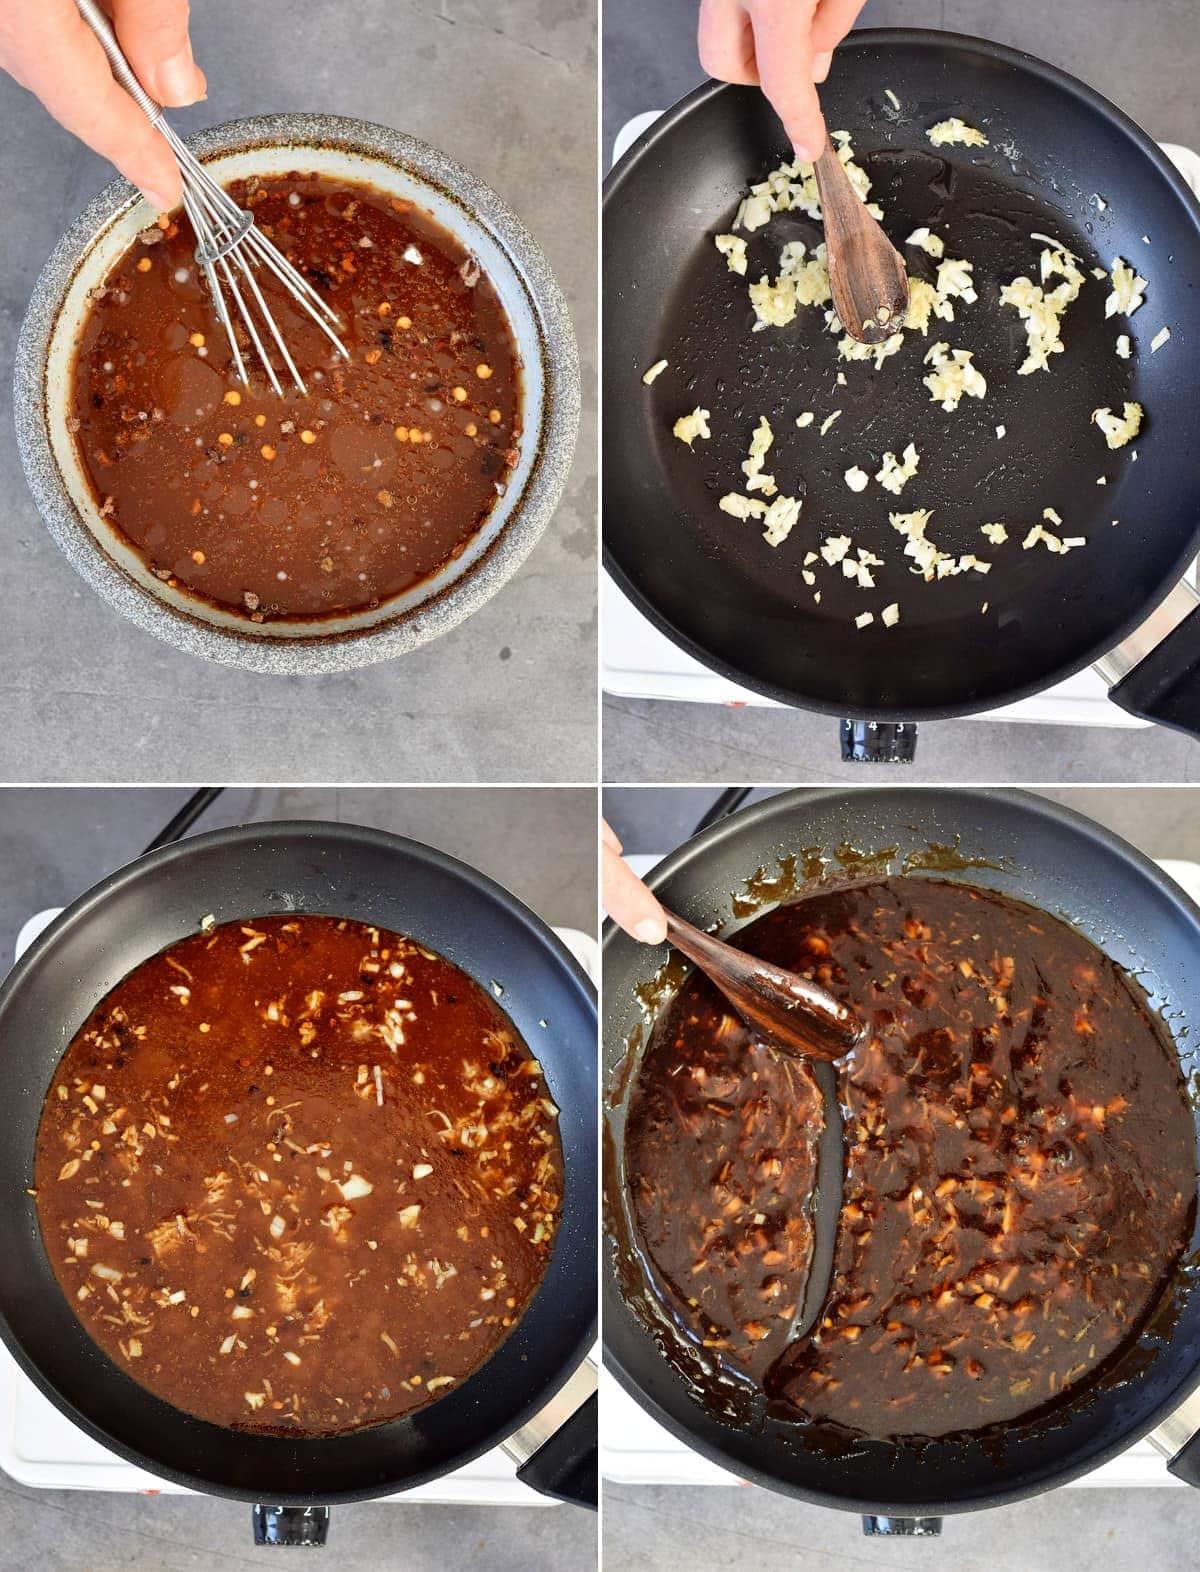 4 Schritt-Für-Schritt Fotos von der Herstellung einer Szechuan Soße